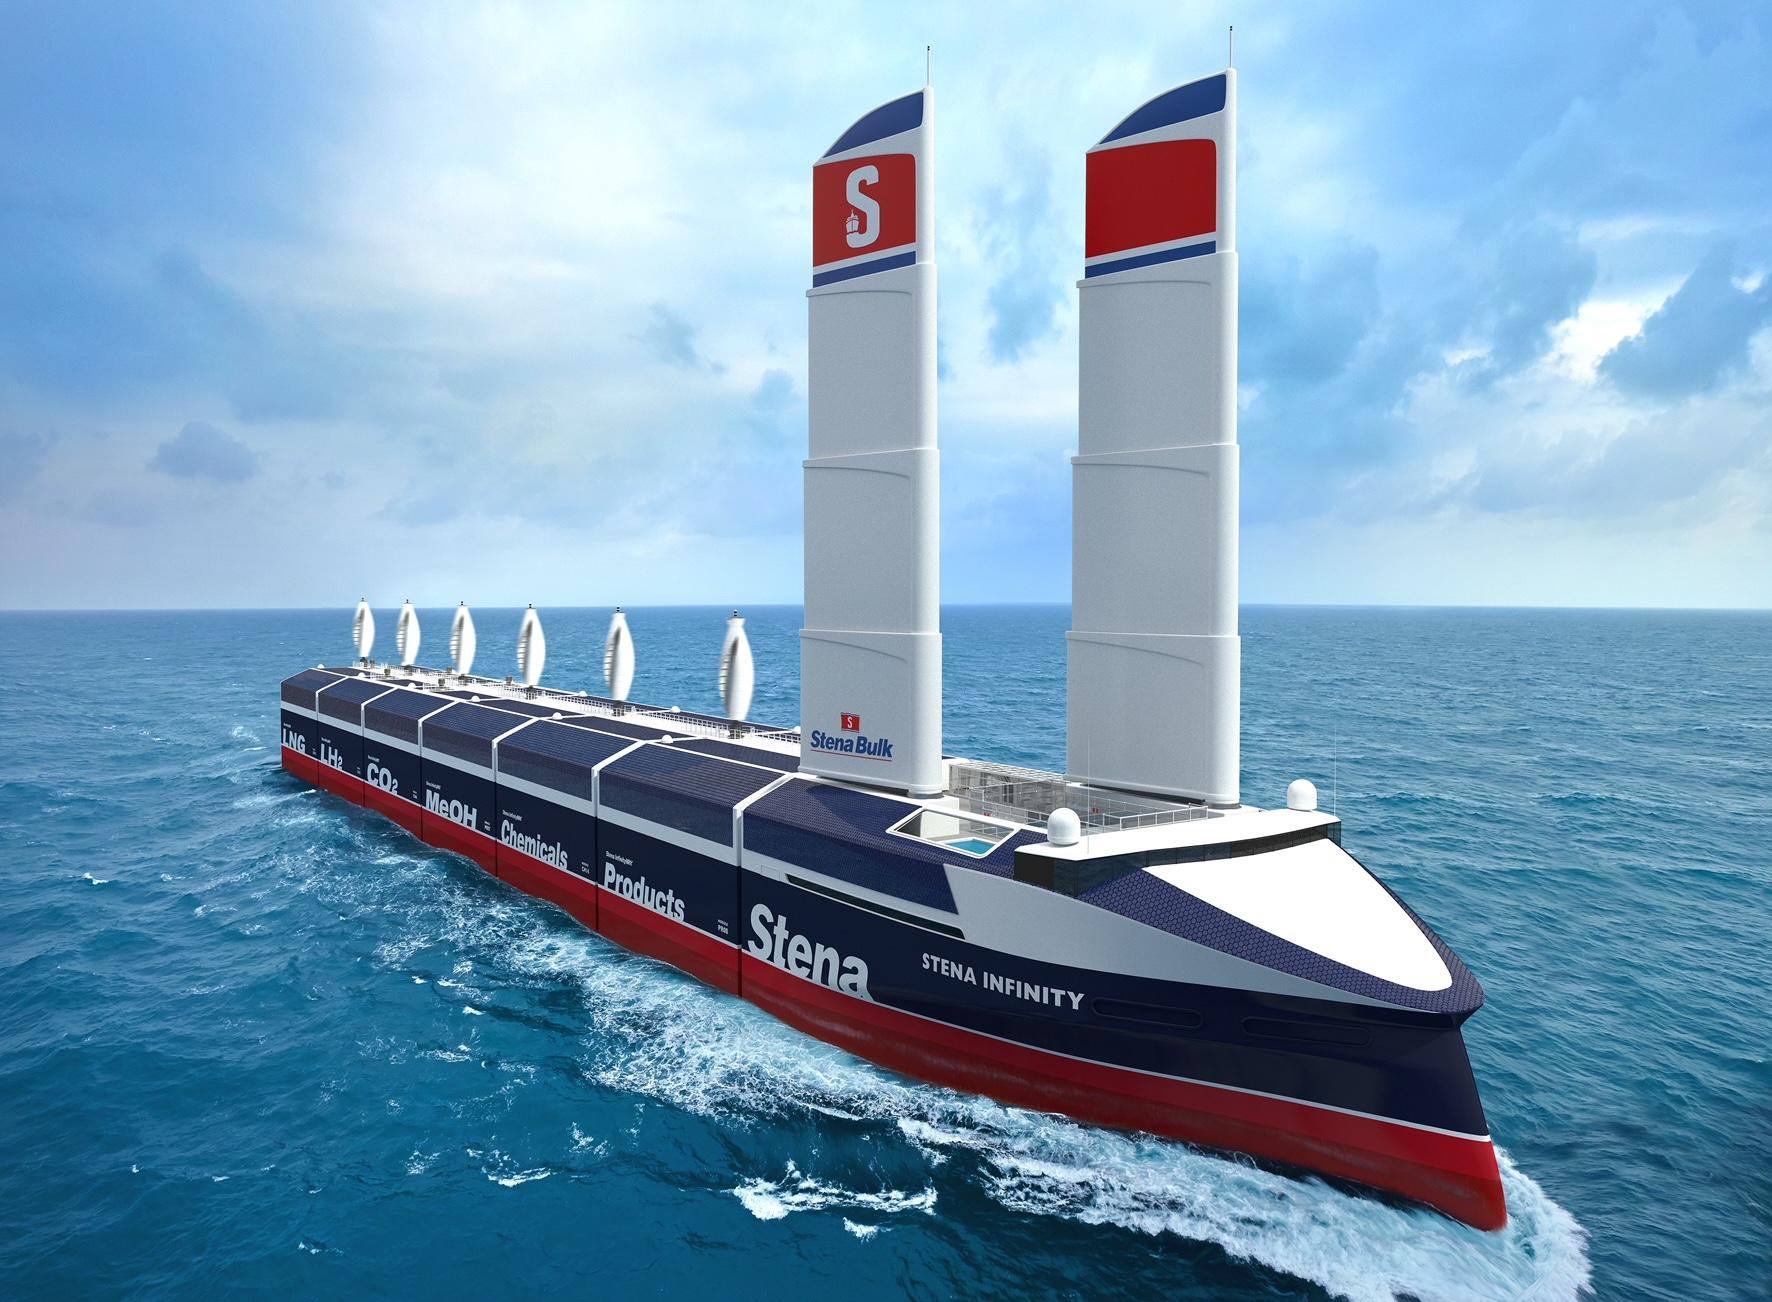 Het ontwerp van de modulaire bulker/tanker Infinity Max die Stena Bulk tussen 2030 en 2035 in de vaart wil brengen. Het schip wordt aangedreven door brandstofcellen op waterstof en windkracht. De lengte van het schip kan variëren van 90 tot 245 meter. (Artist's impression Stena Bulk)